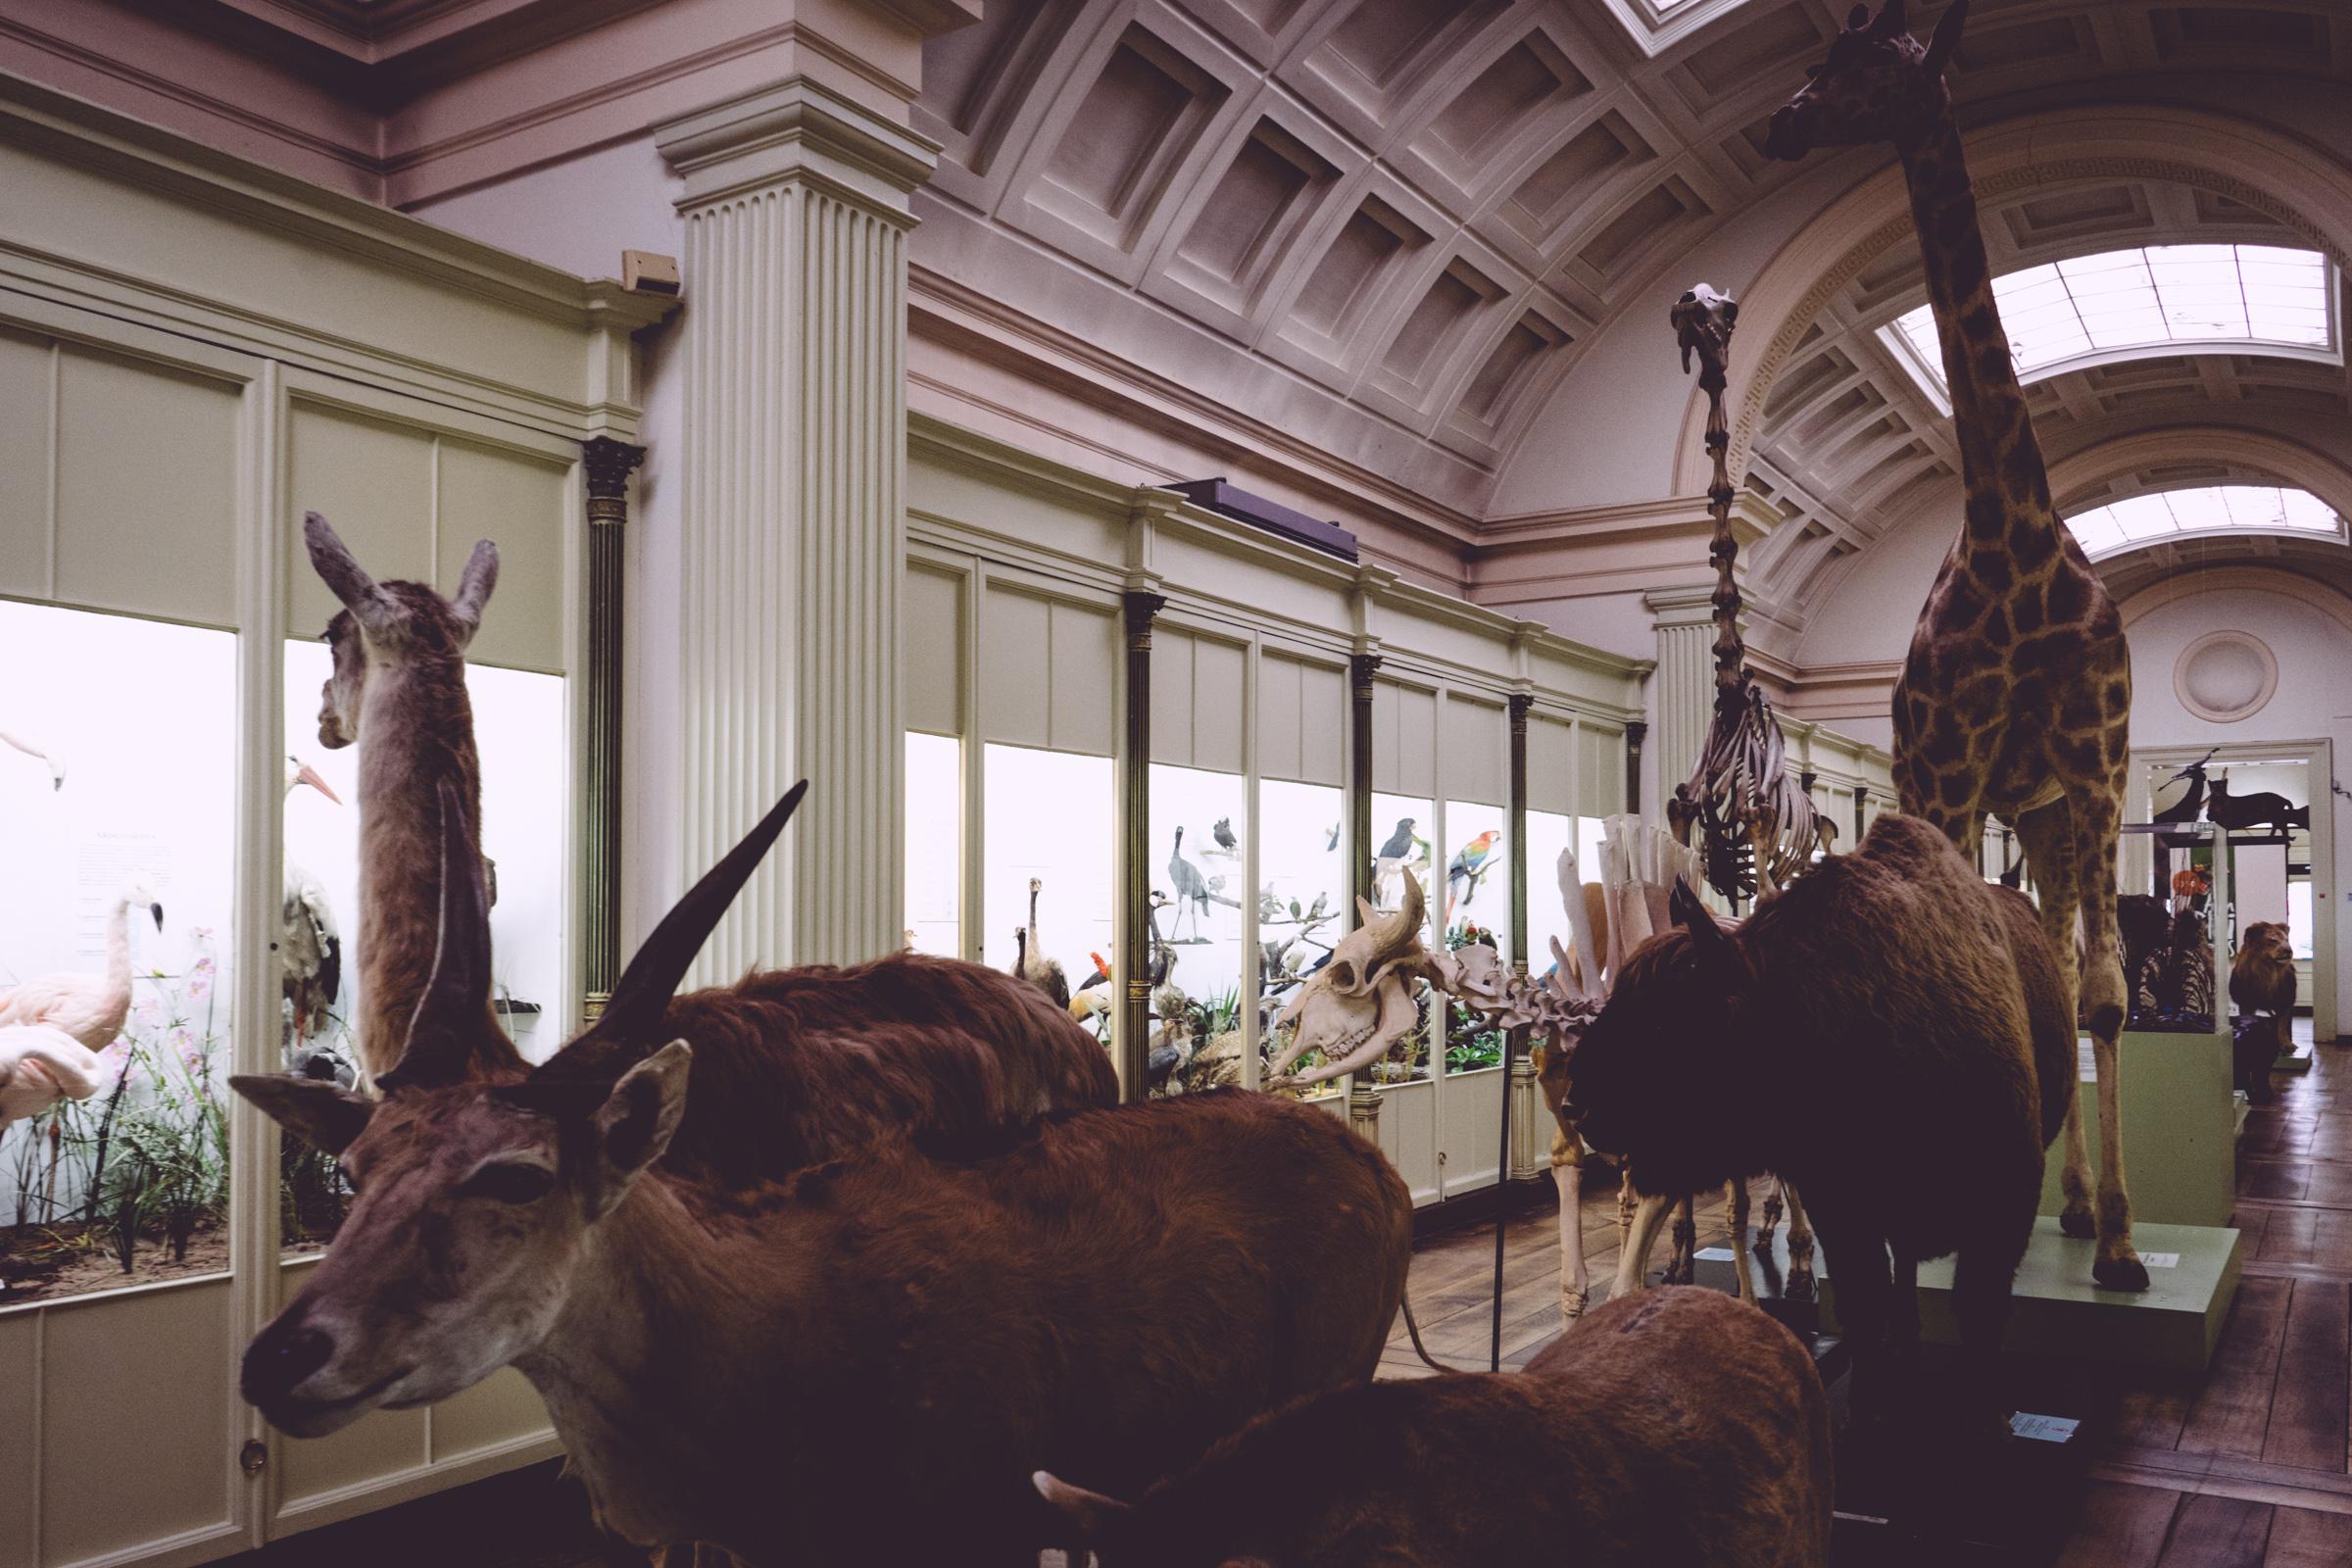 Le couloir du cabinet des curiosités du musée d'histoire naturelle de Tournai